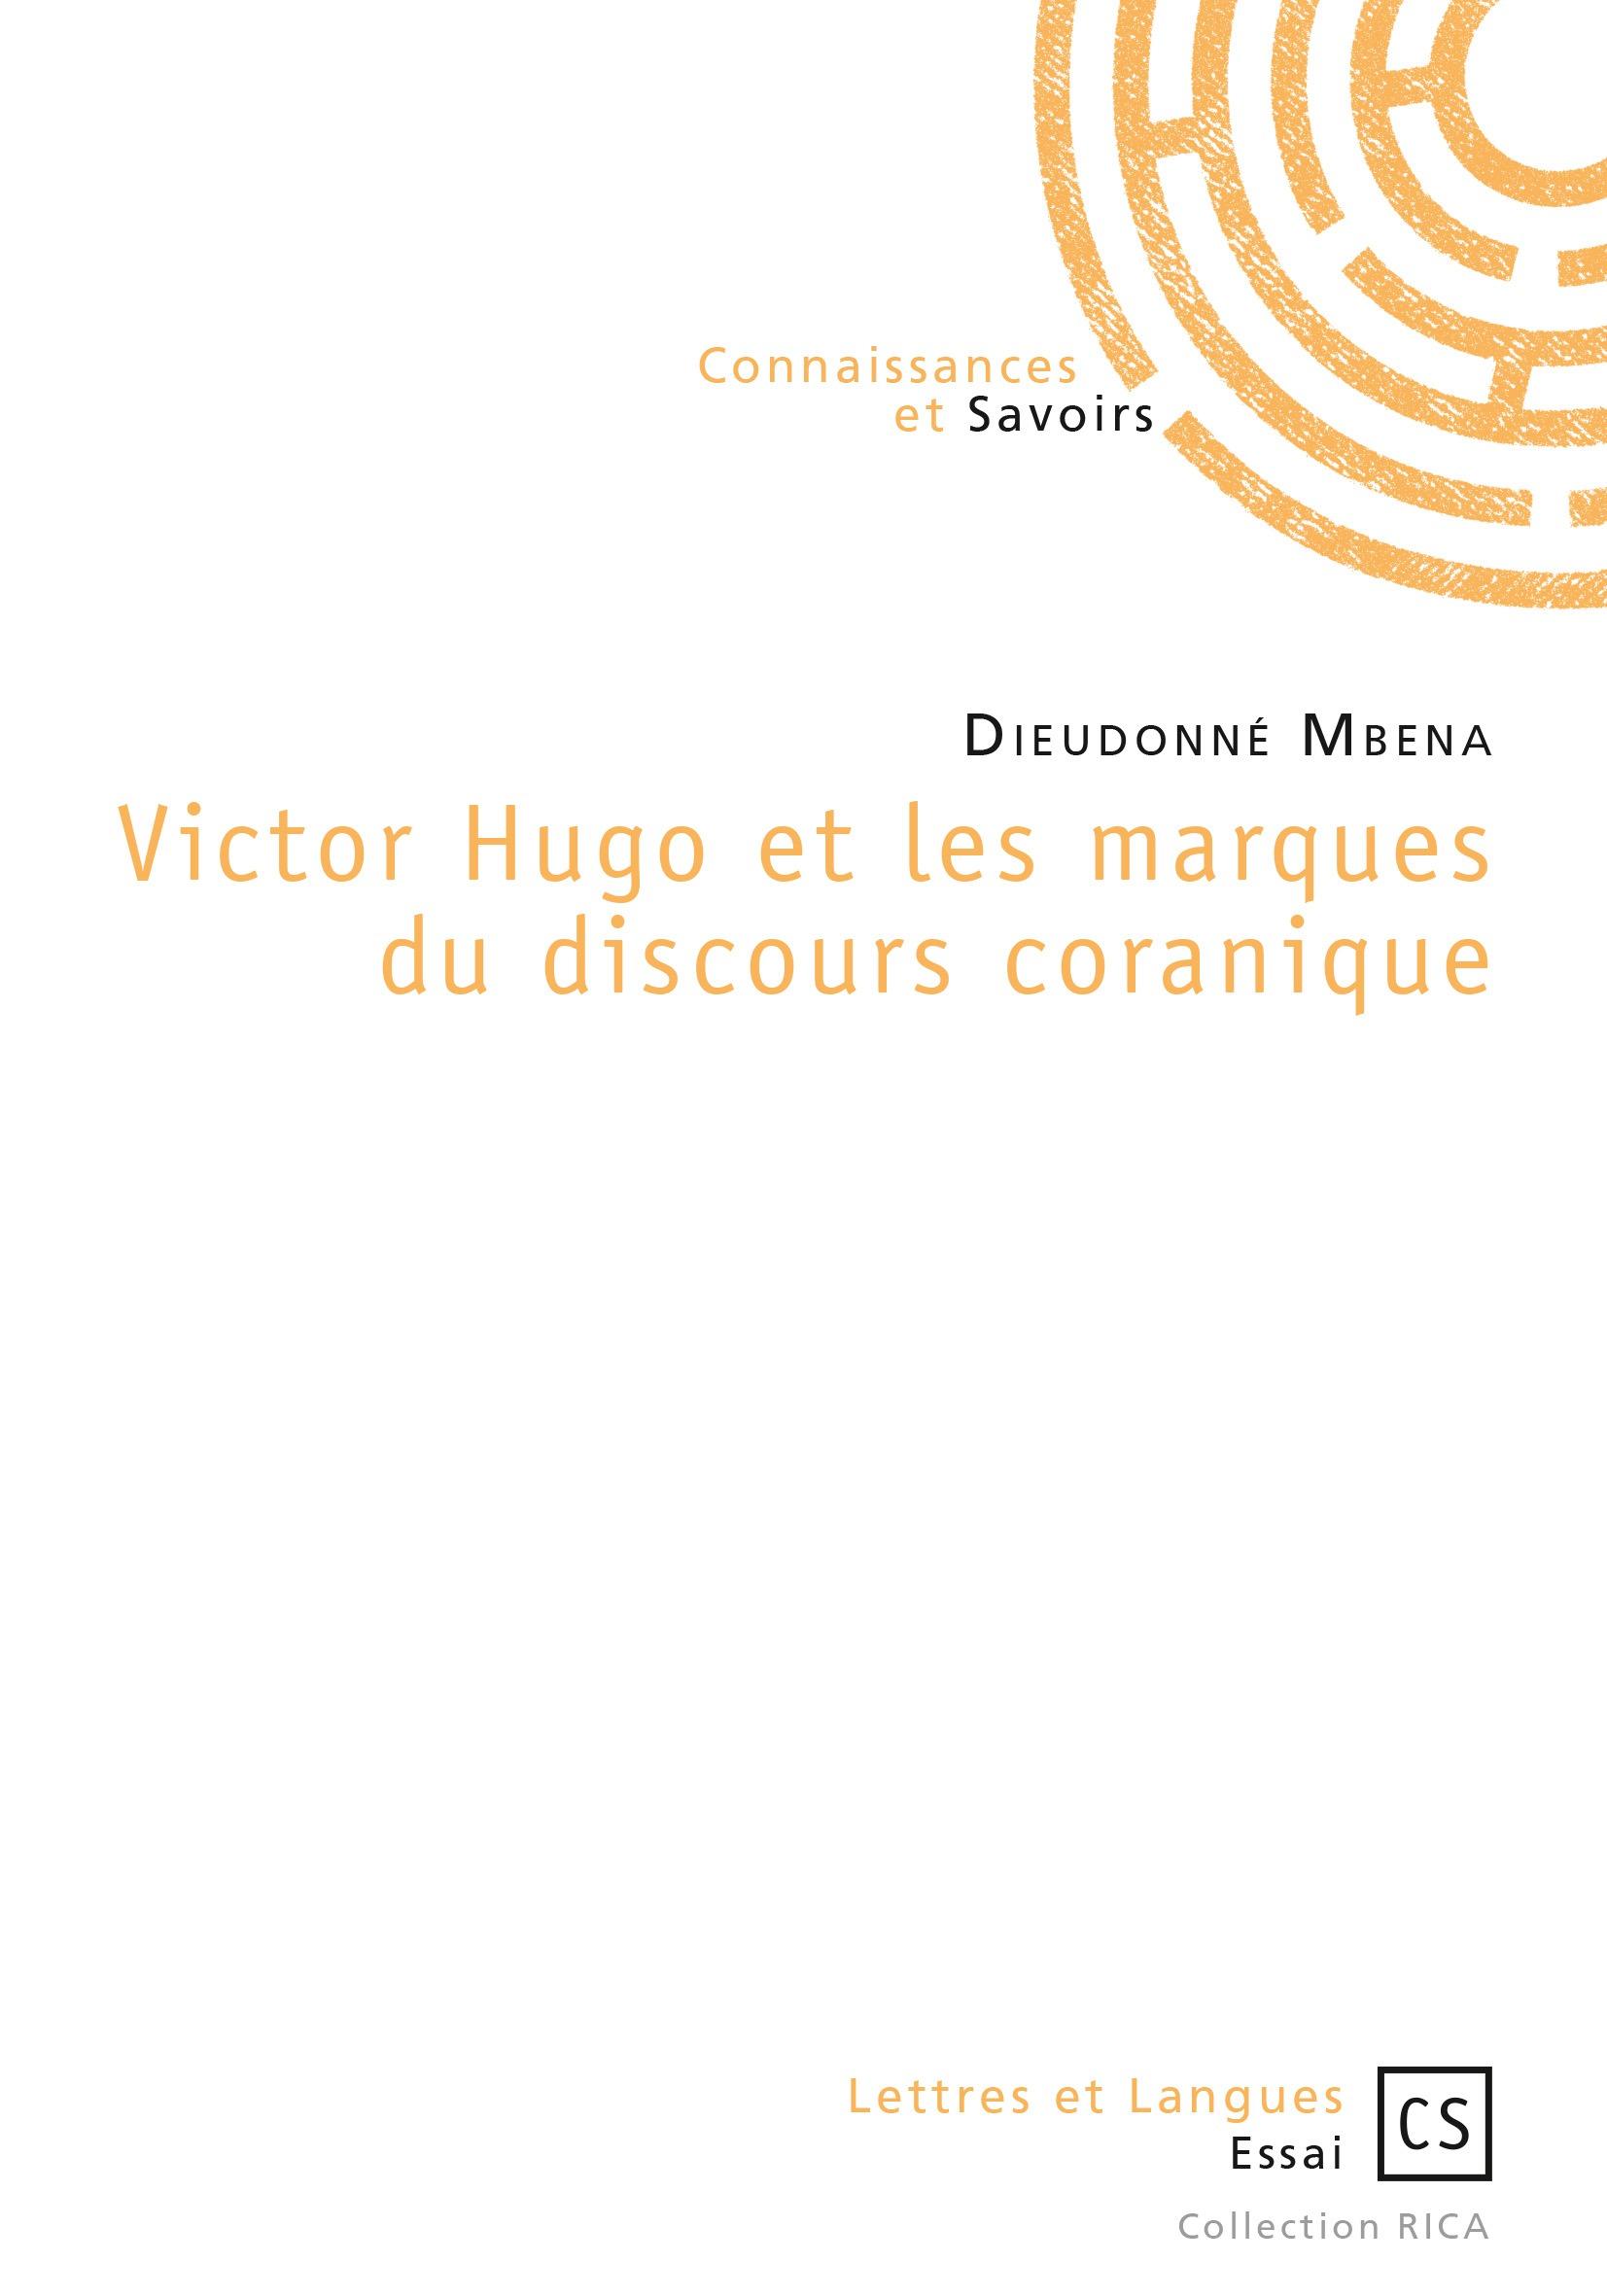 Victor Hugo et les marques du discours coranique